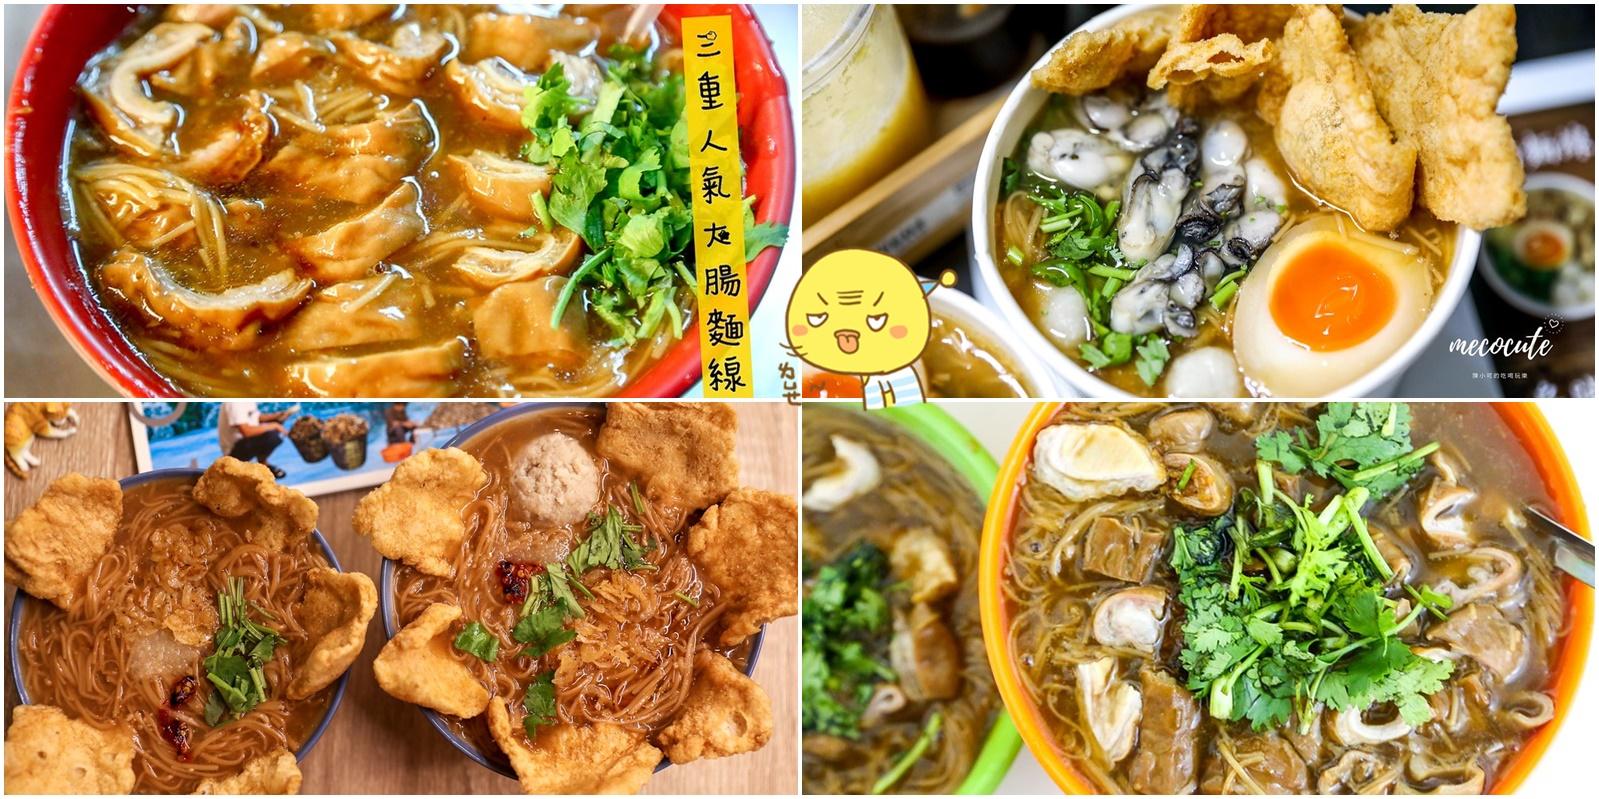 三重麵線,三重美食,三重小吃,新北市美食,台北好吃麵線